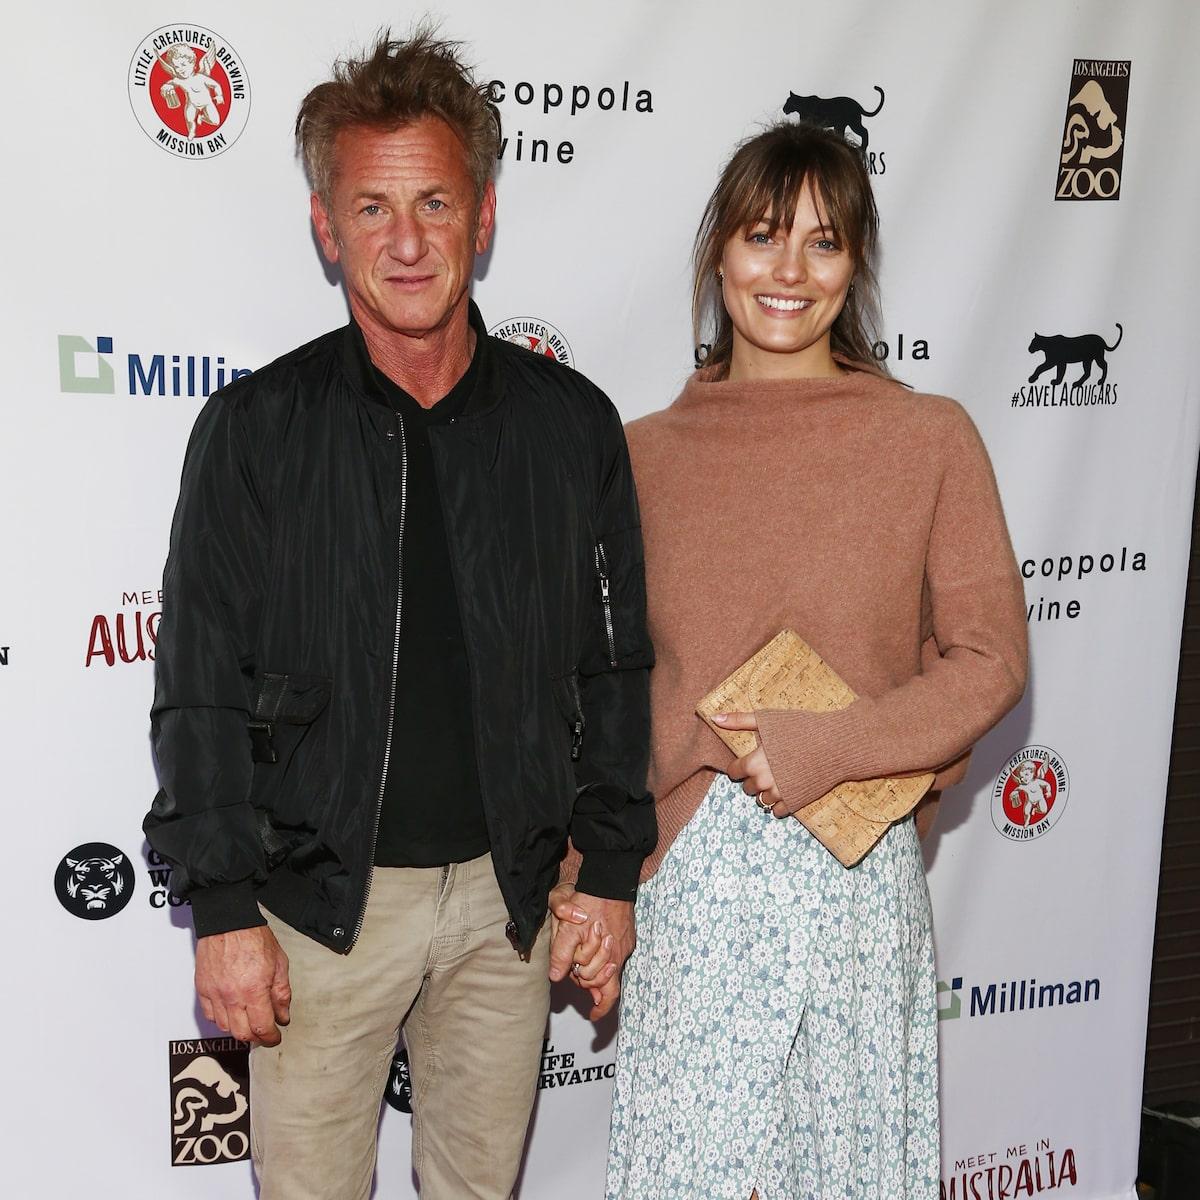 Leila and george penn sean Sean Penn